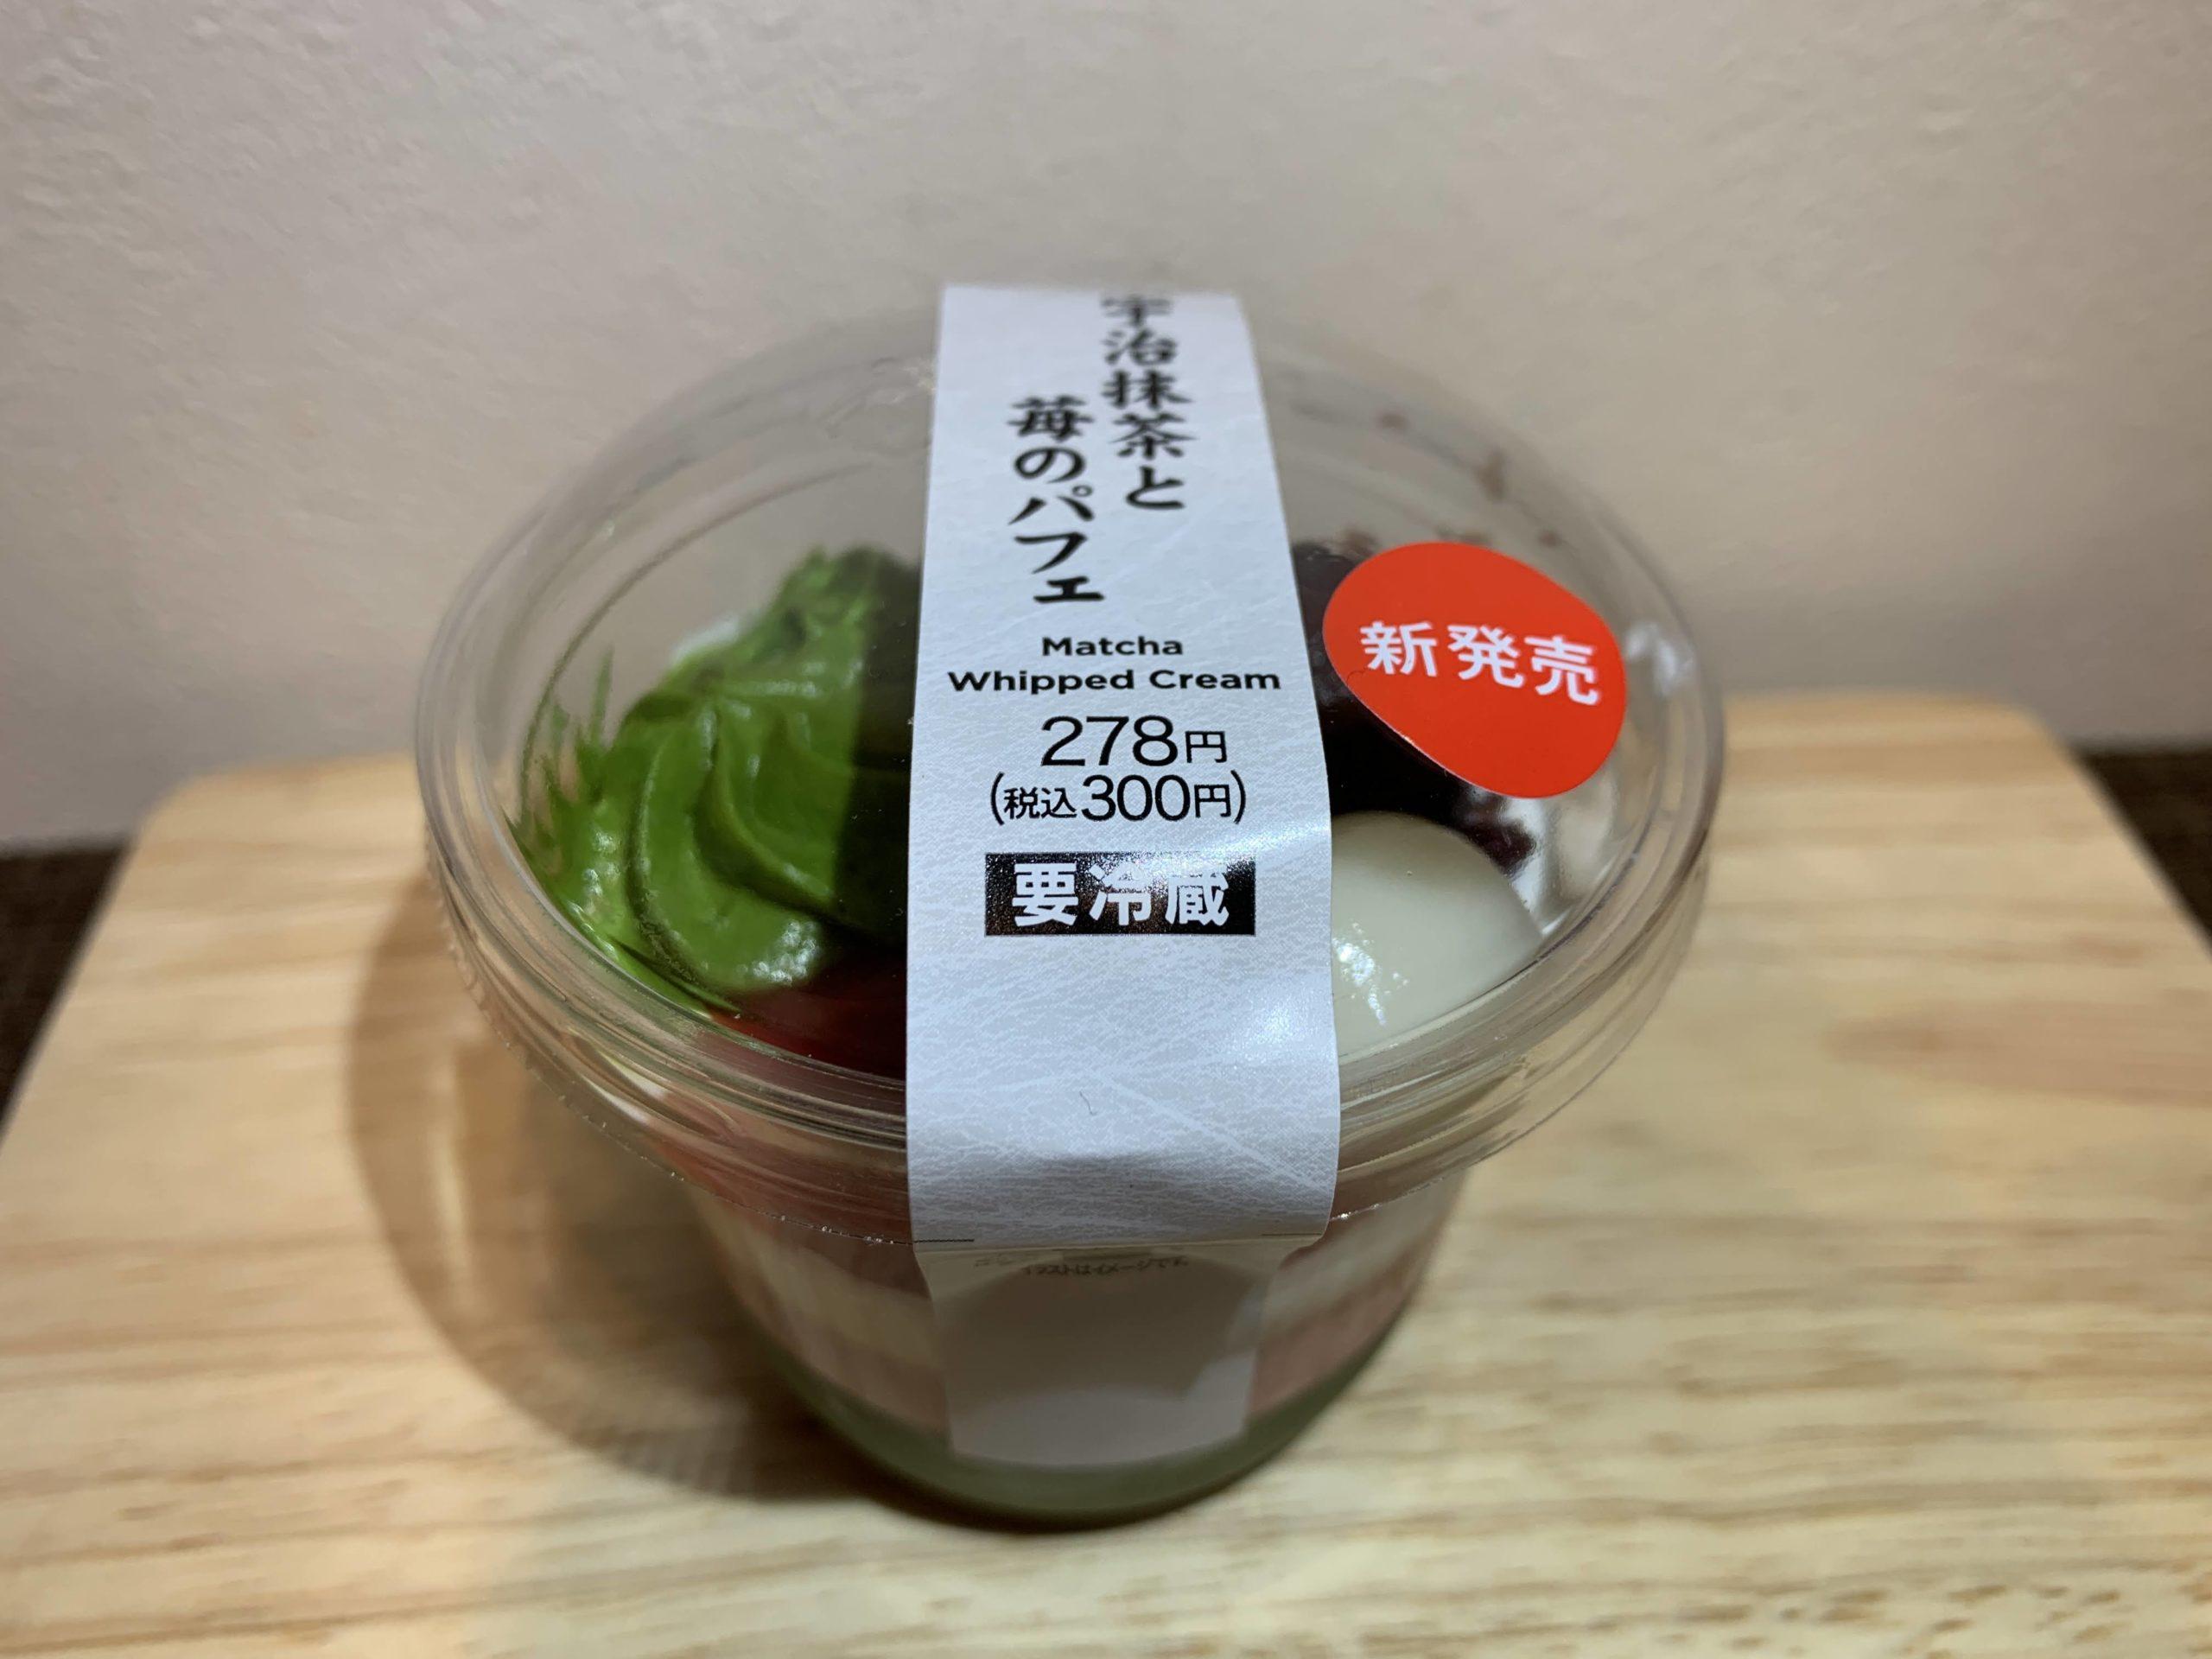 セブンスイーツ・宇治抹茶と苺のパフェは美味しい?価格やカロリーは?